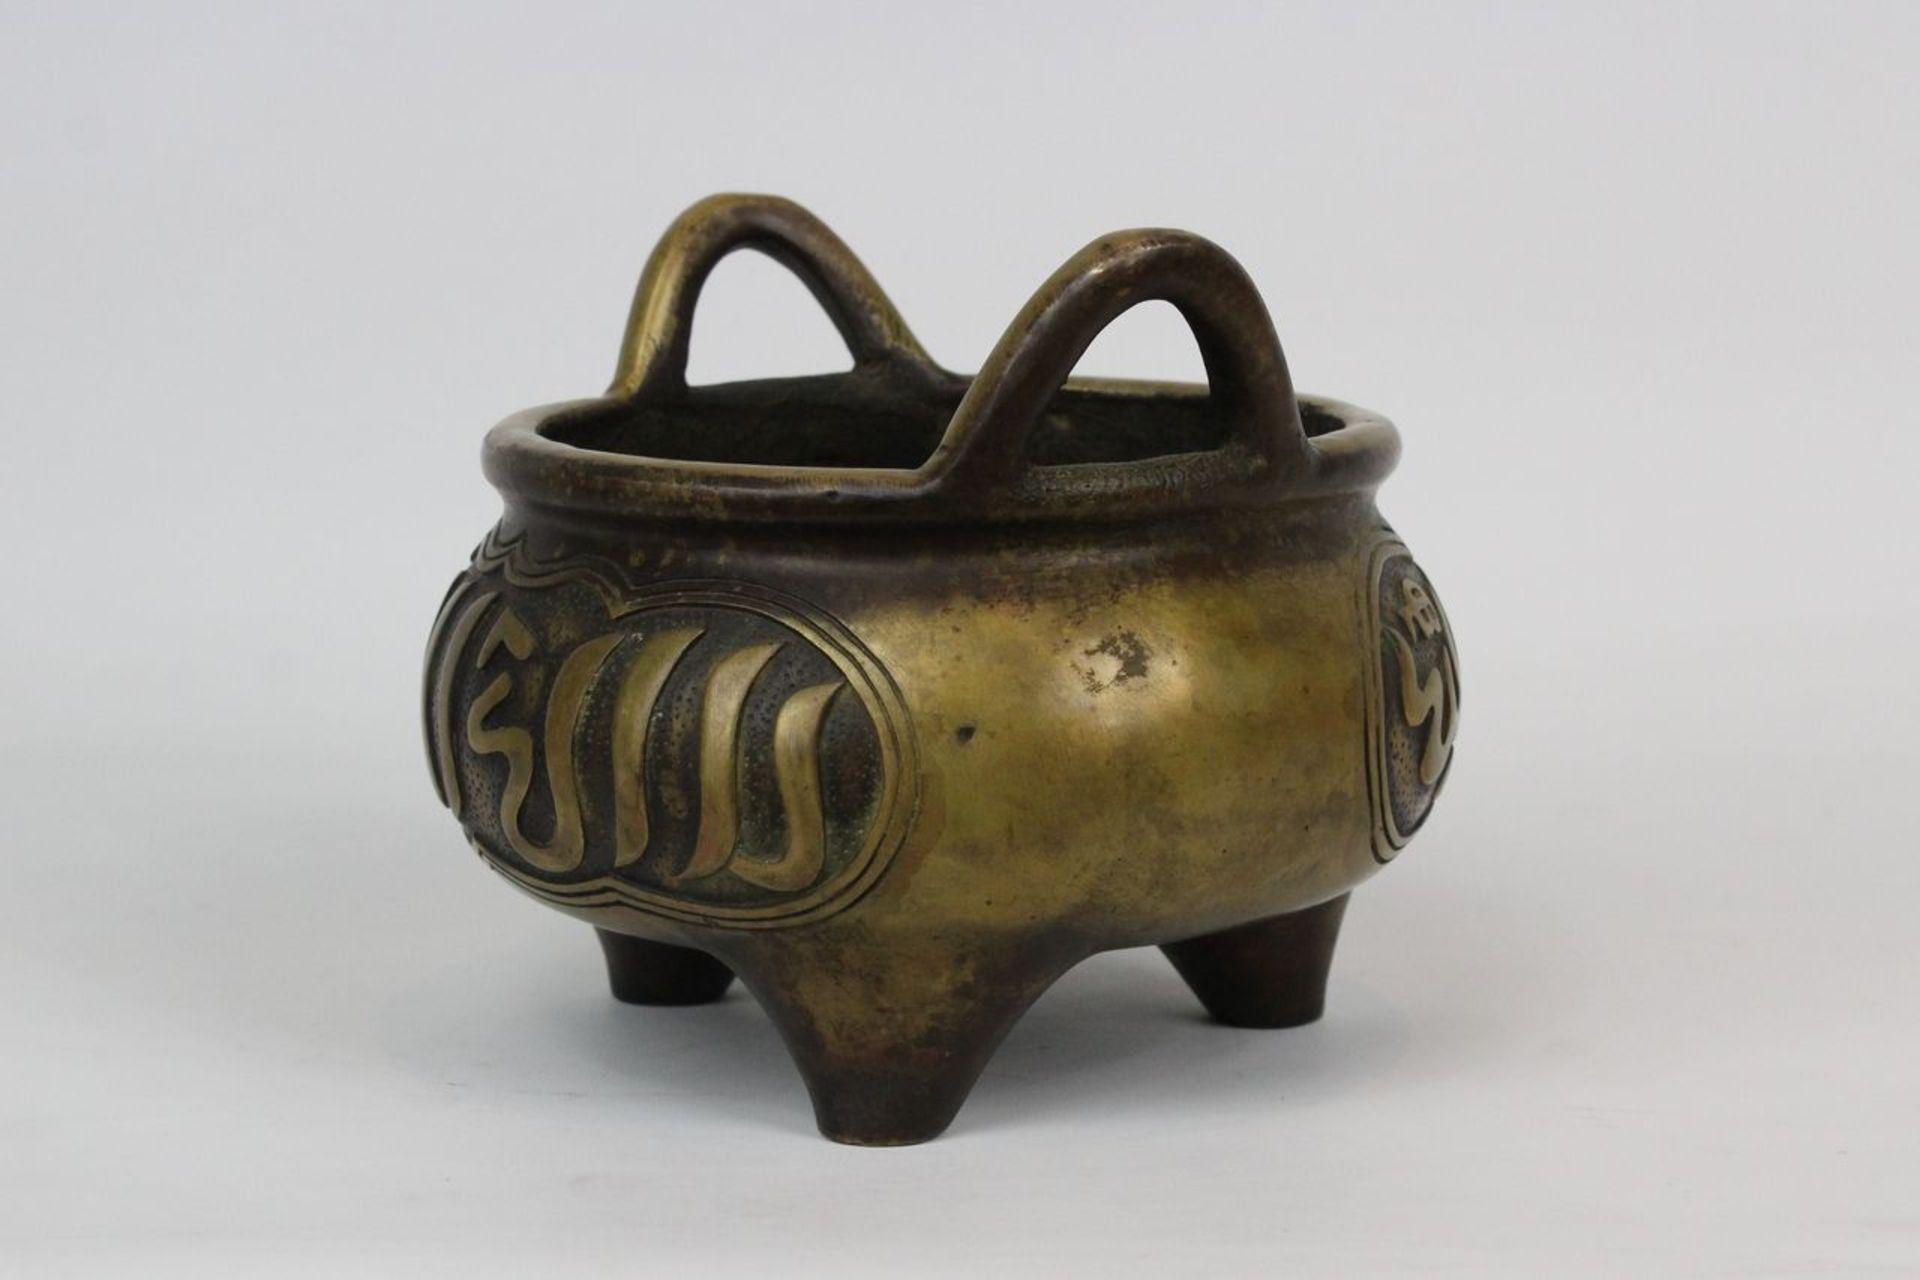 China, Großer seltener Ming Tripot Weihrauchbrenner - Image 13 of 15